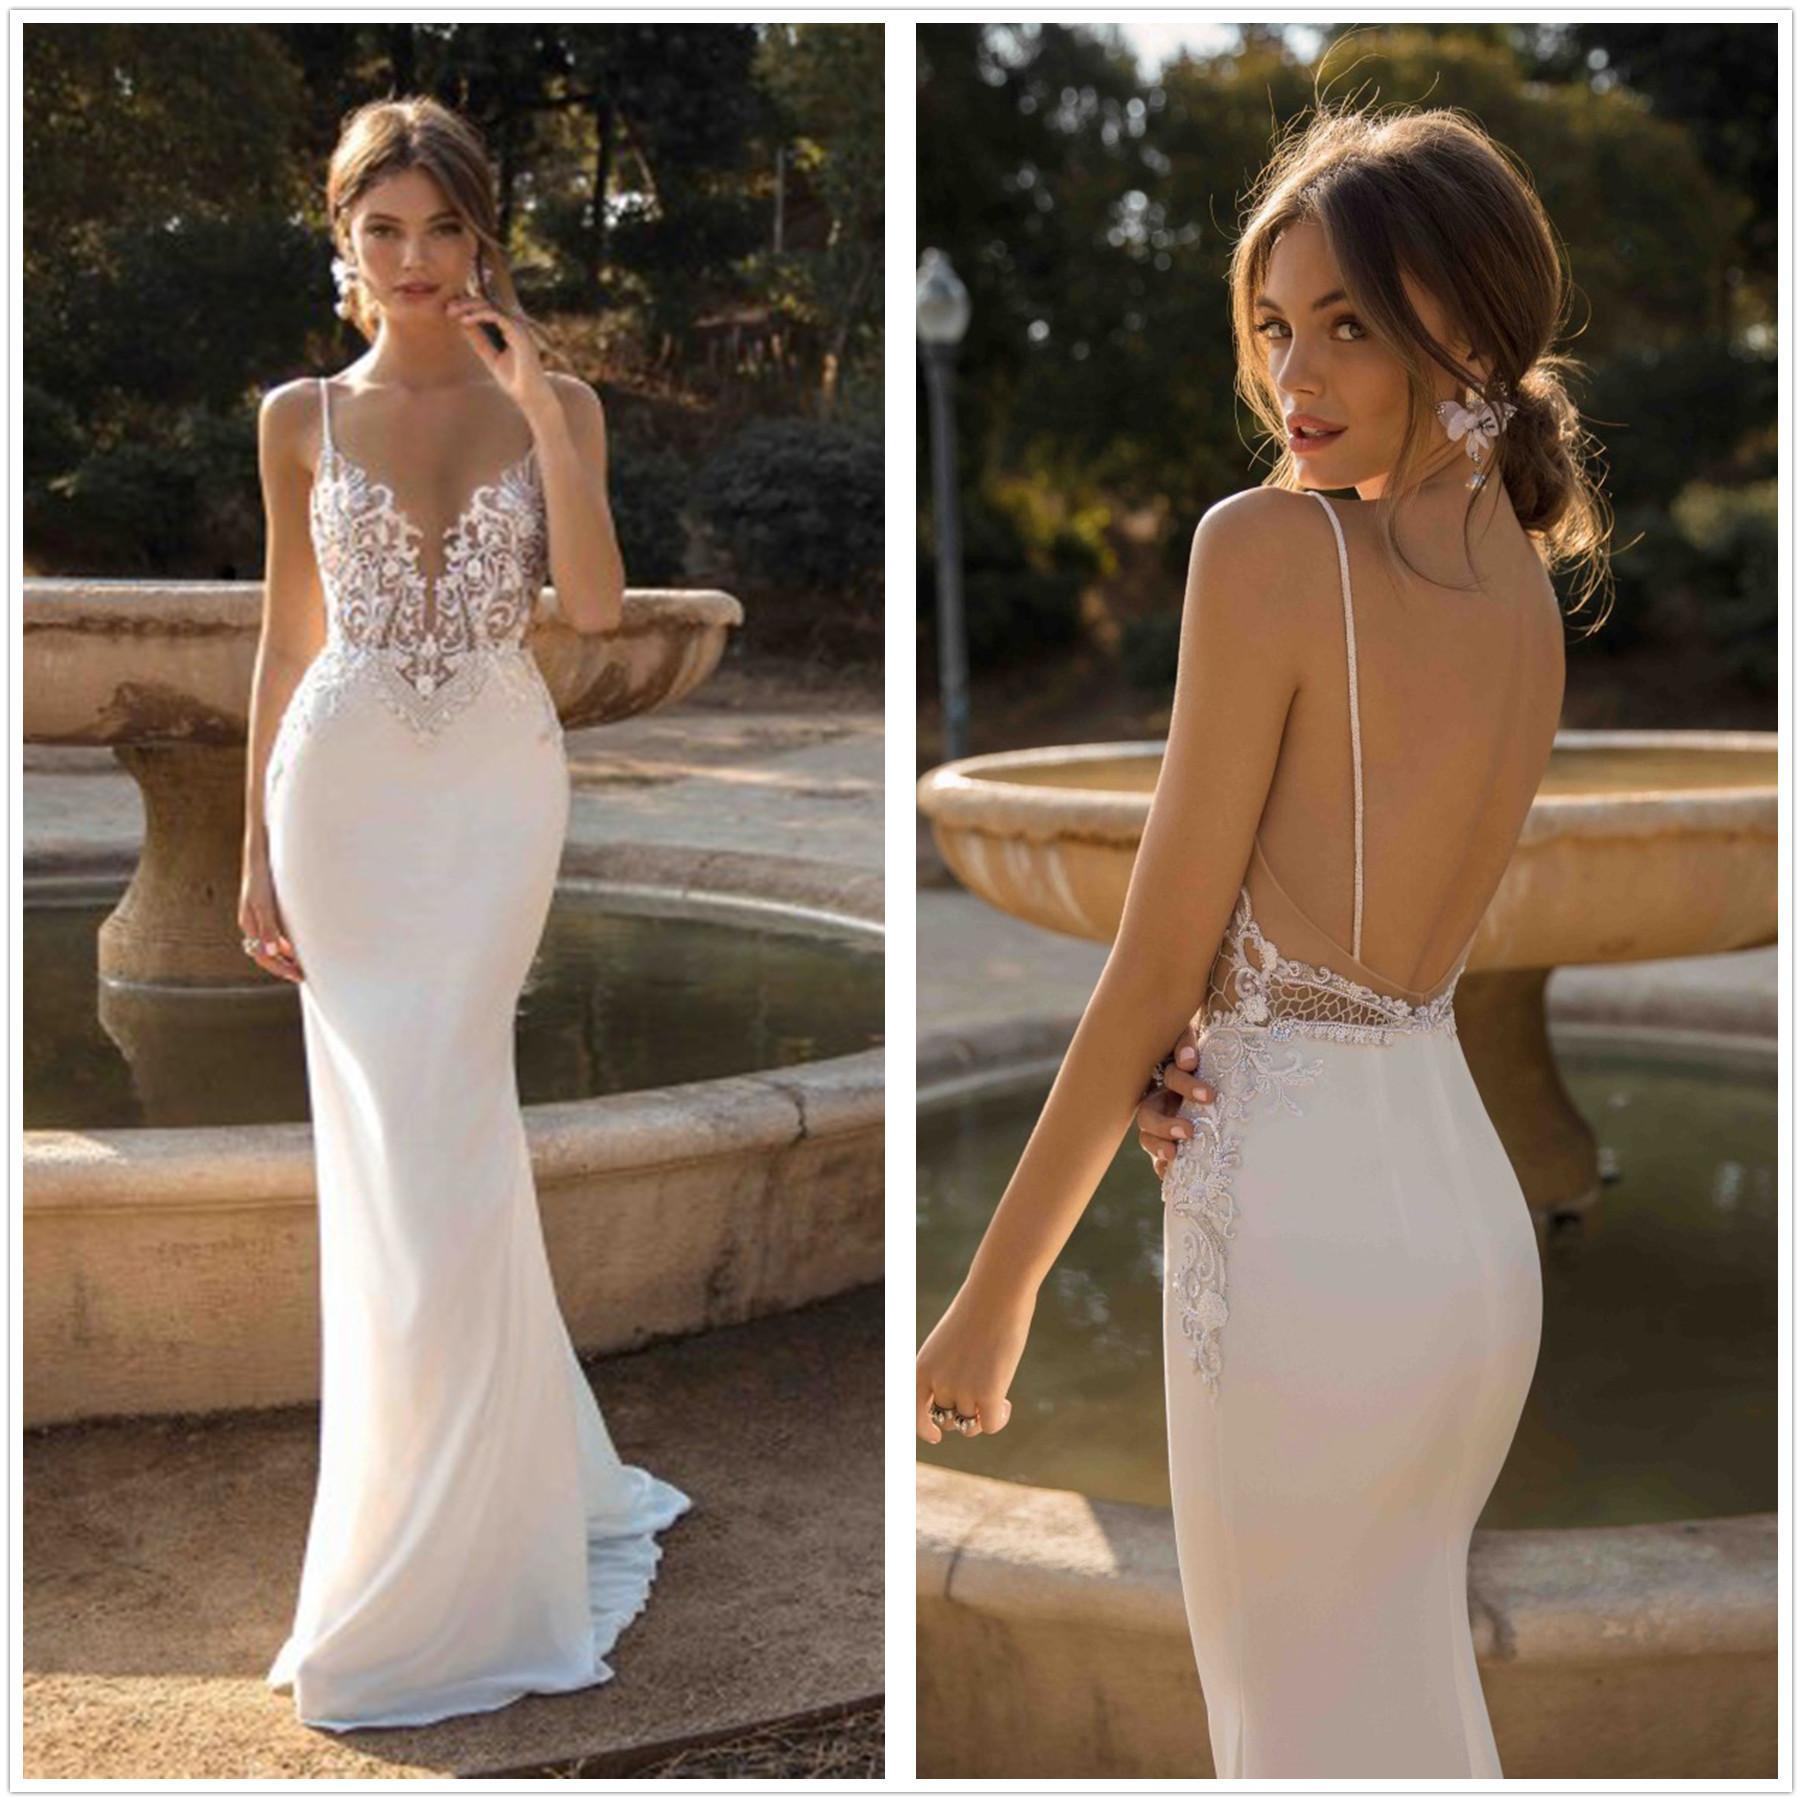 2020 Mermaid Abiti da sposa senza spalline Appliques Pizzo Beach Bride Dress Backless sexy abiti di nozze